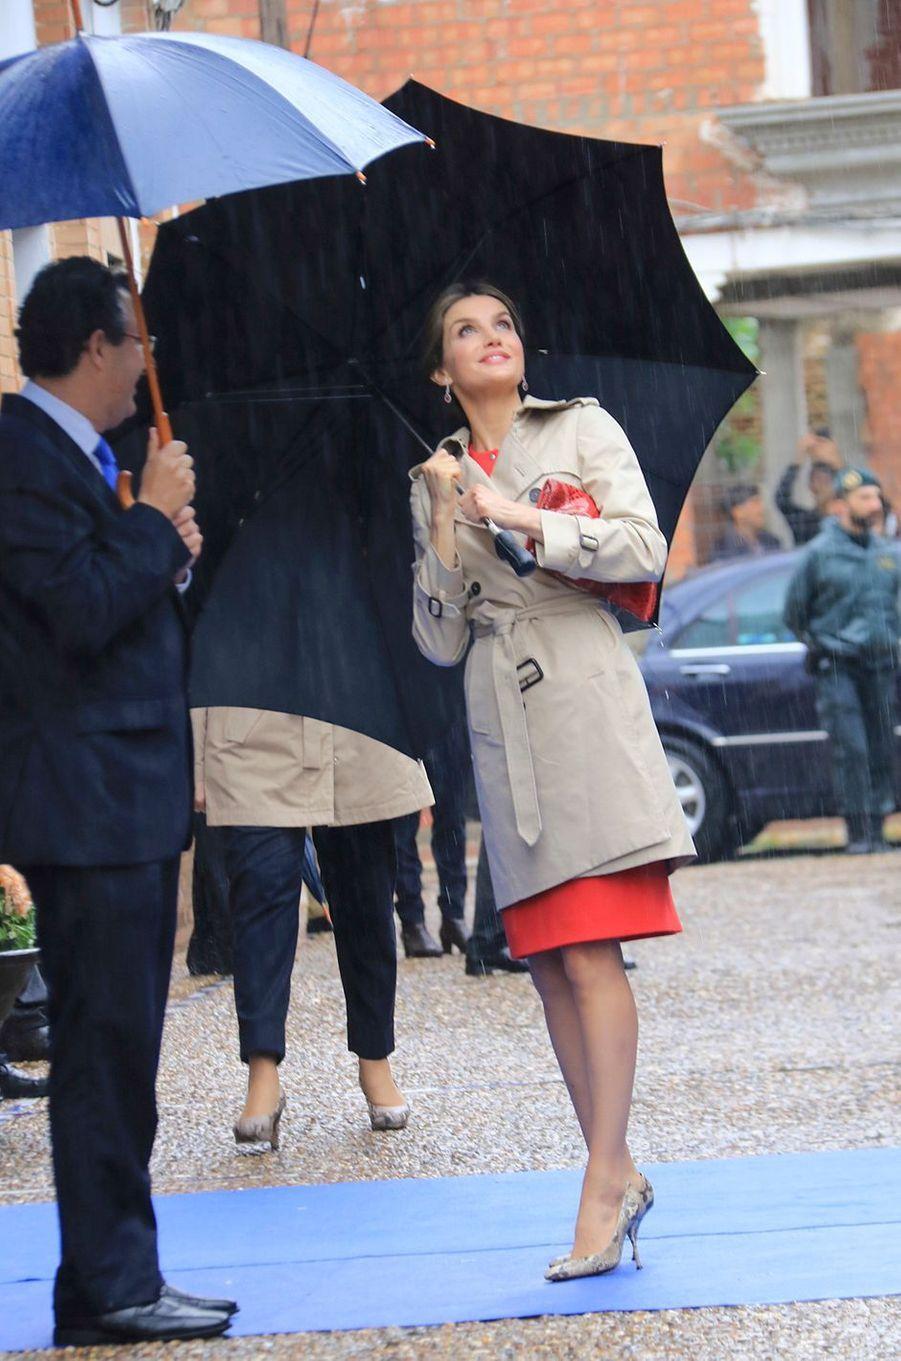 Temps pluvieux sur La Rinconada ce mardi 10 mai. Mais cela n'a en rien empêché la reine Letizia d'Espagne de s'adonner à un bain de foule avec le sourire.